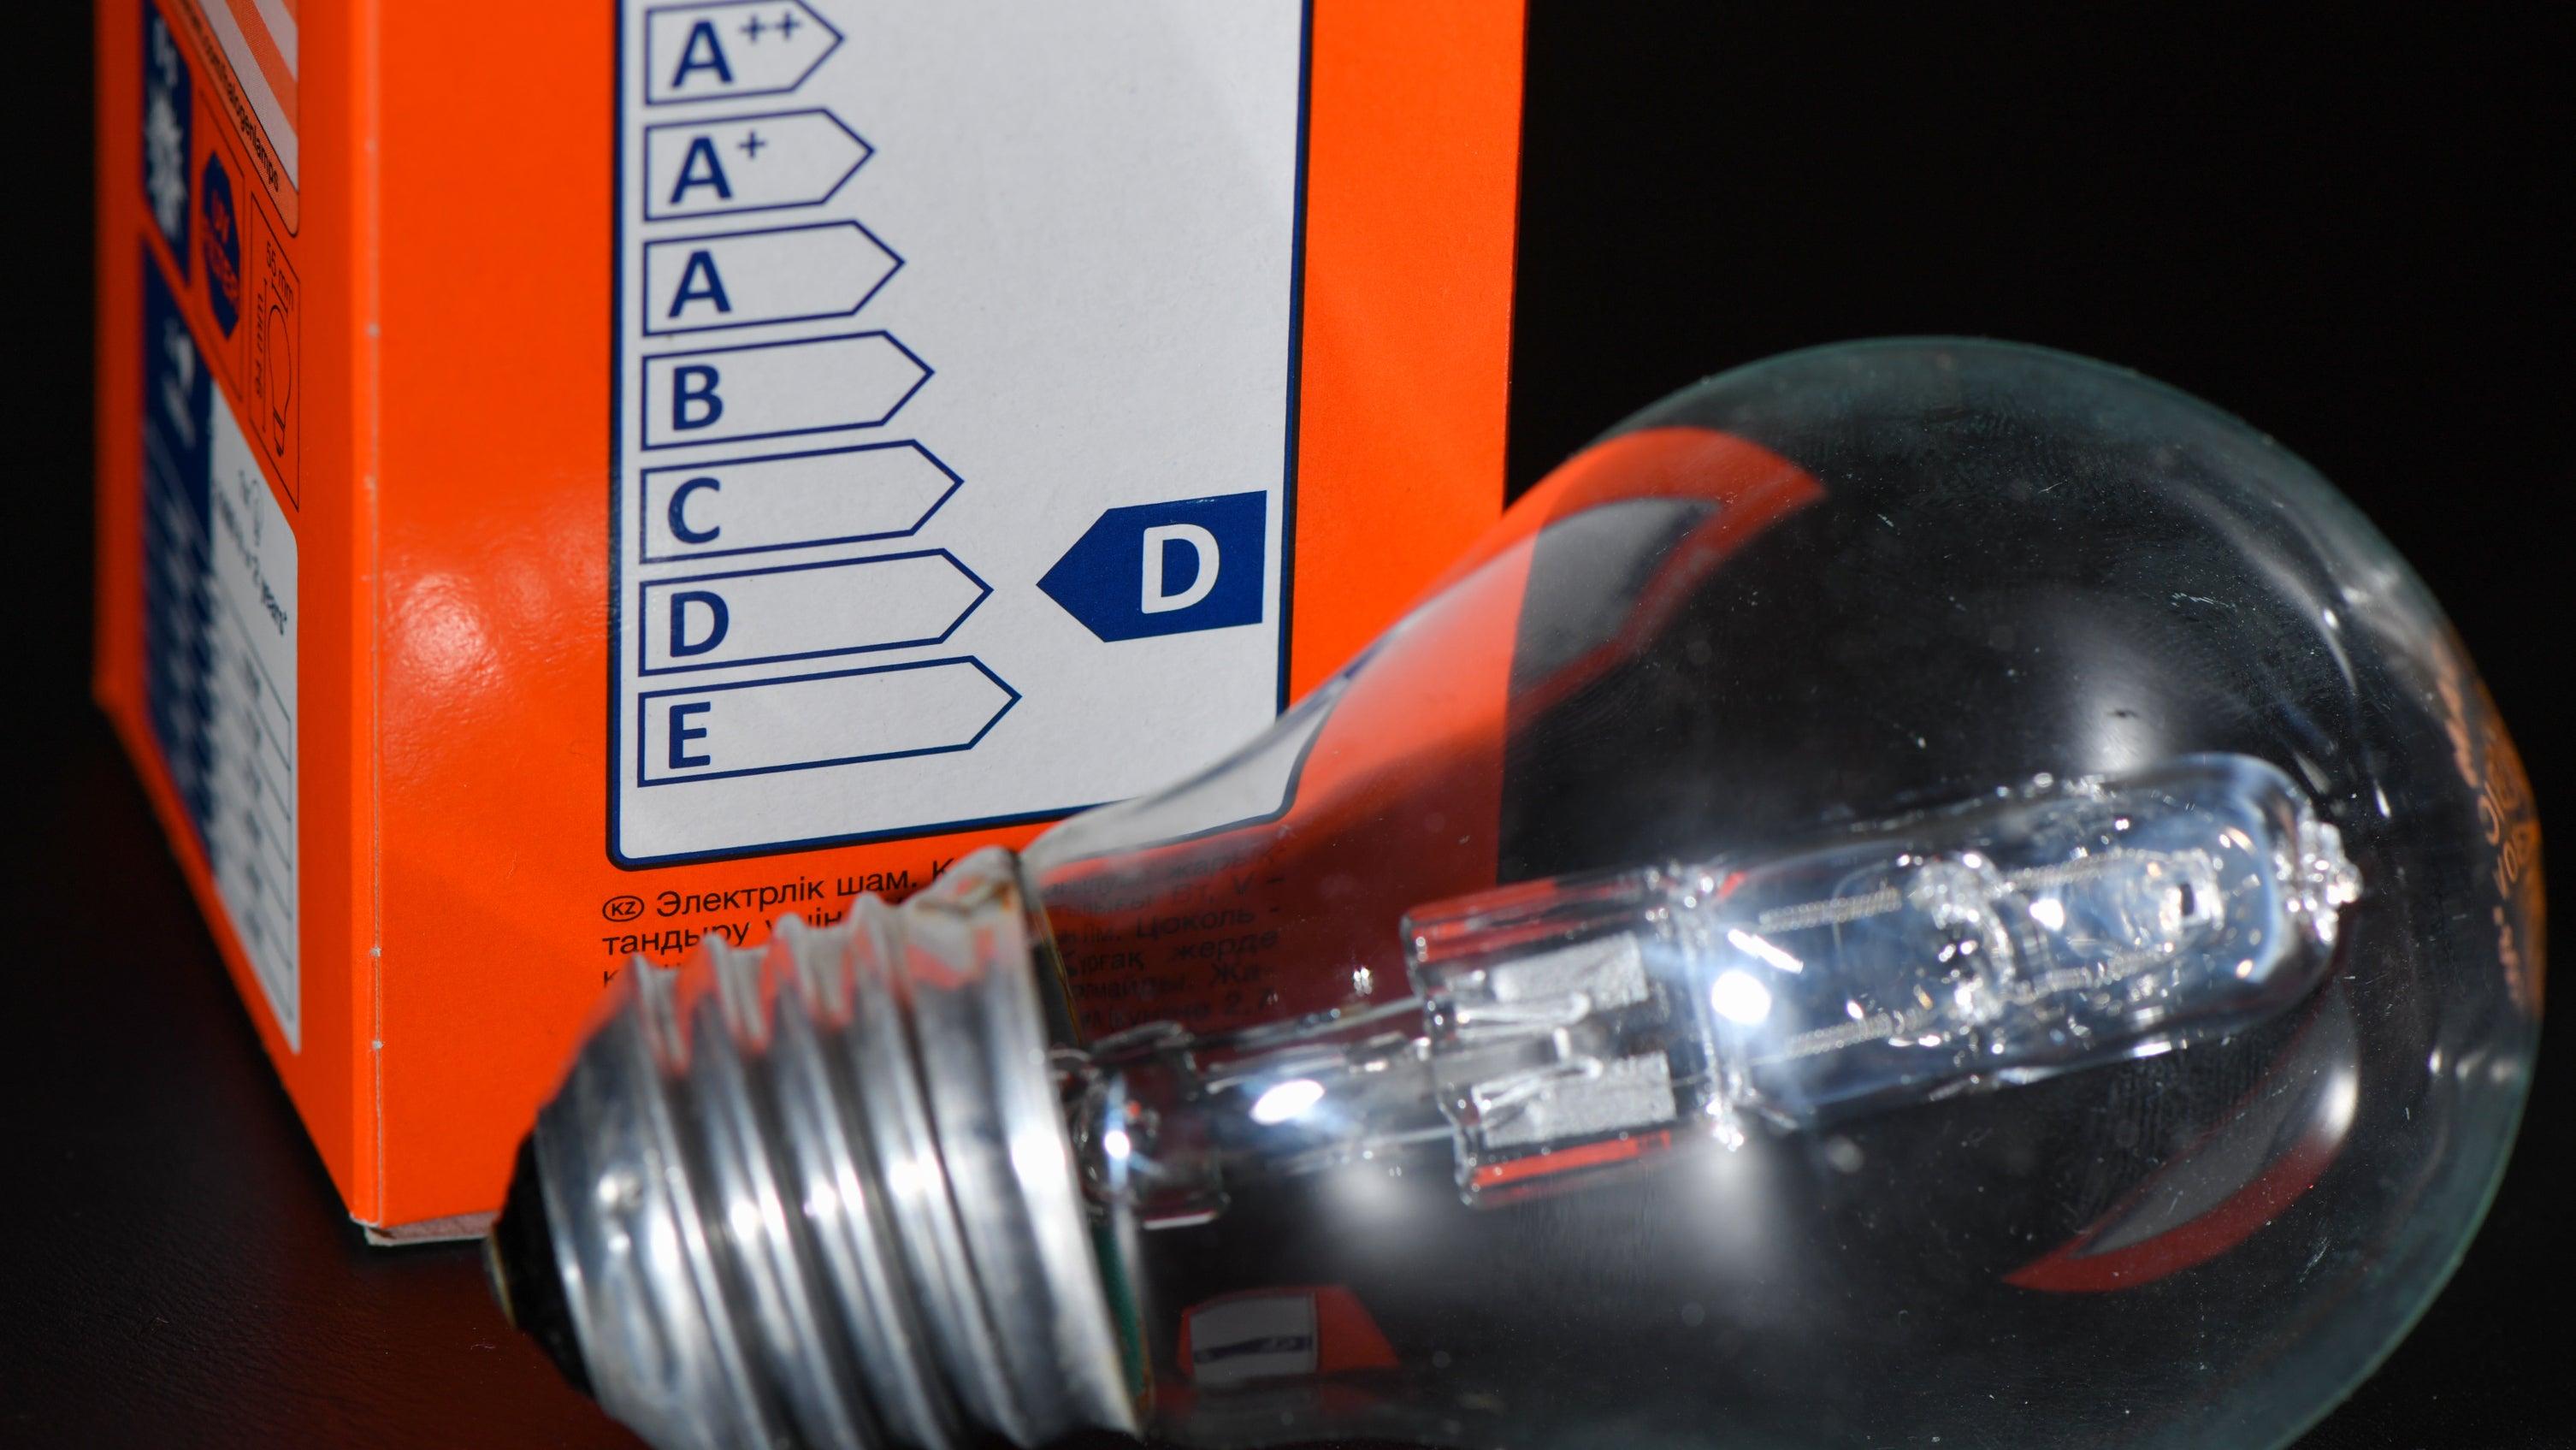 Kühlschrank Glühbirne : Bald nicht mehr erhältlich! nach der glühbirne trifft es jetzt die